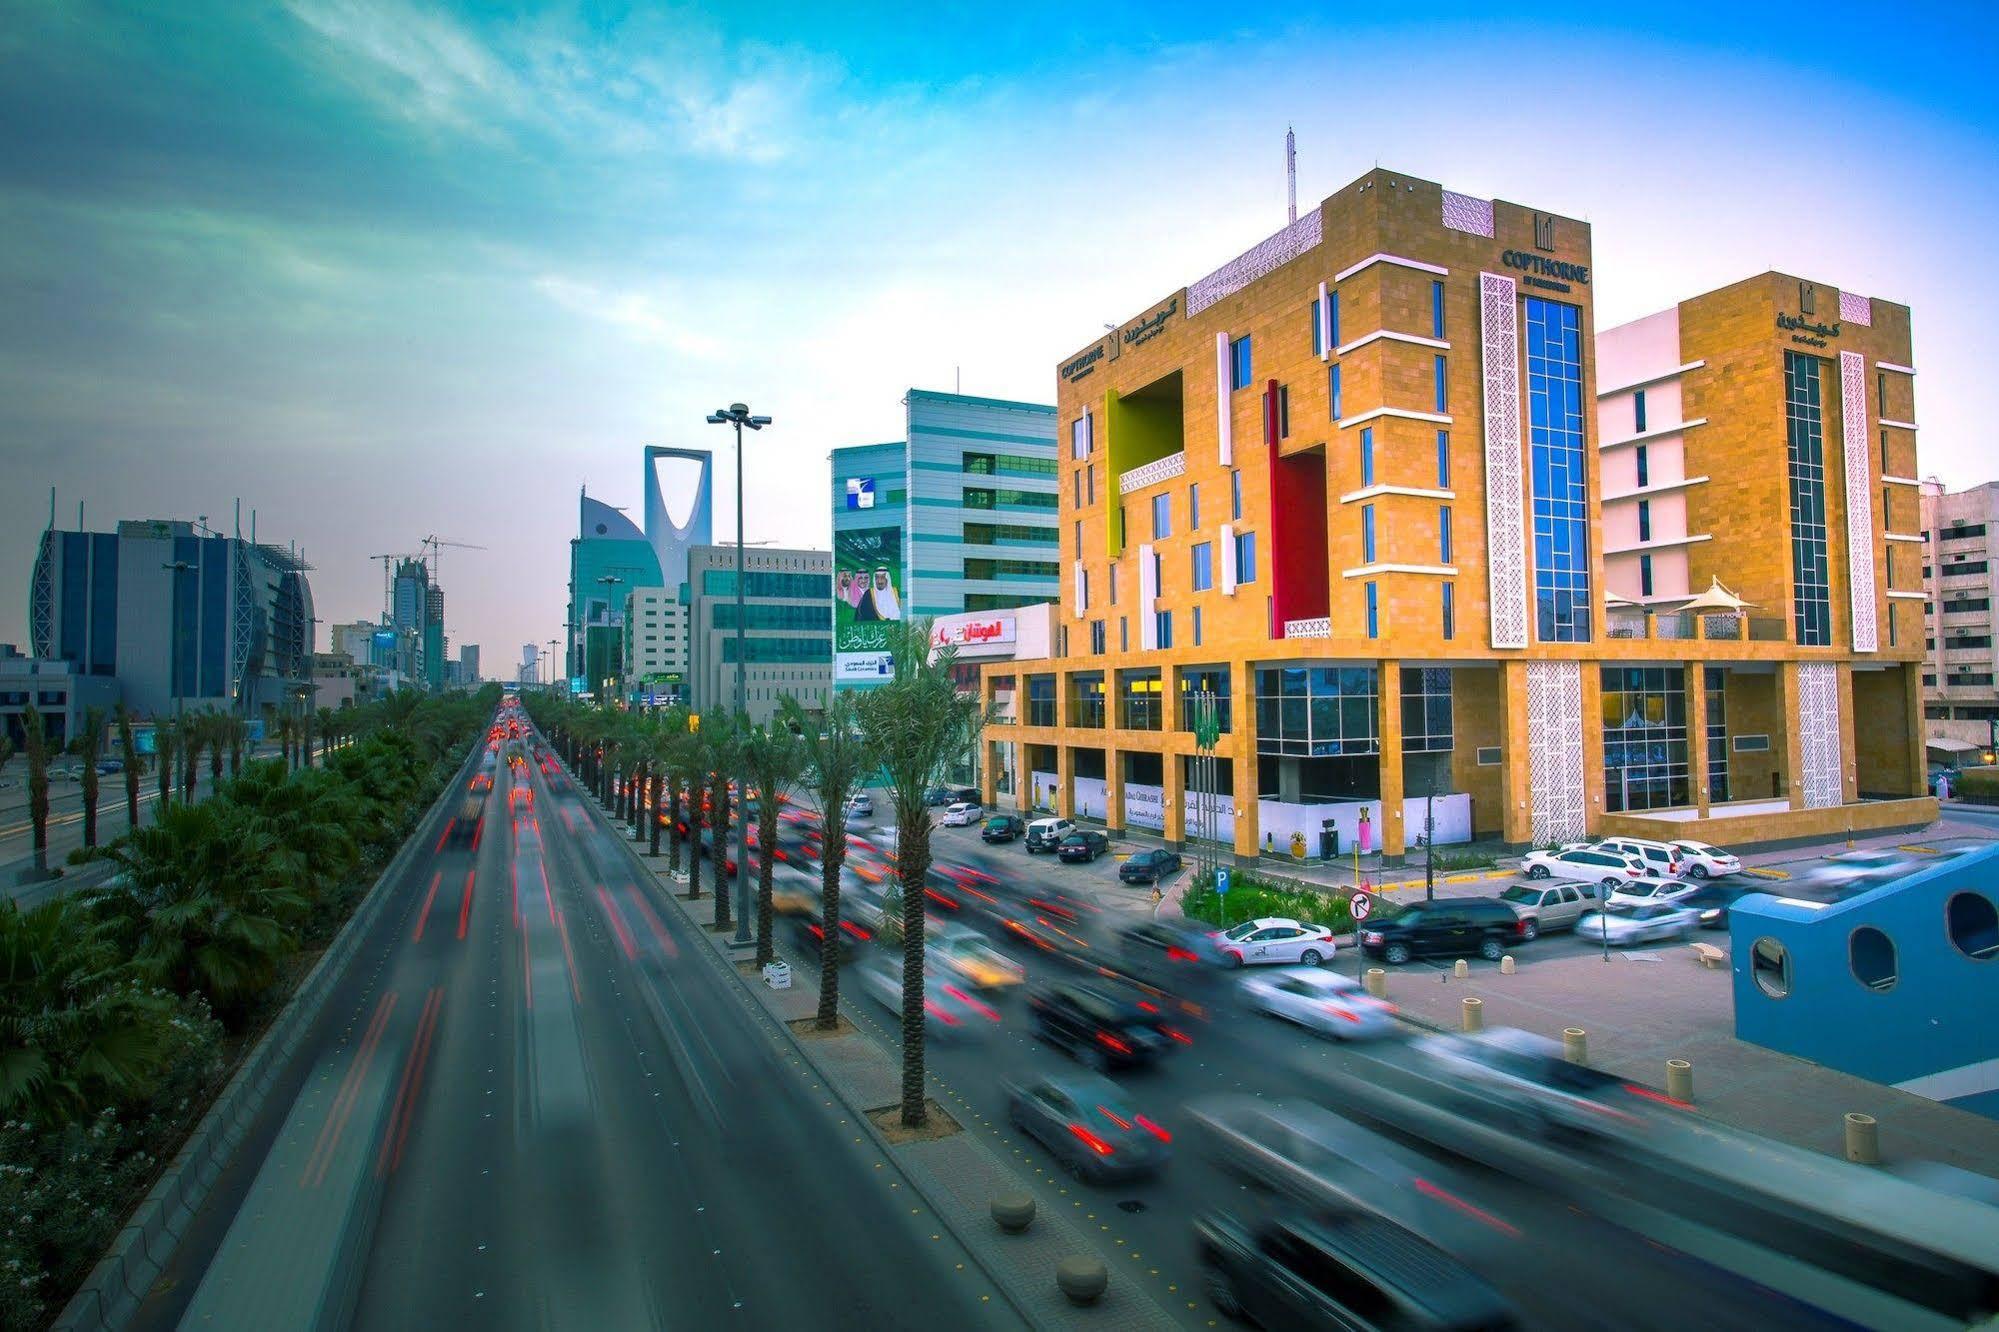 Copthorne Hotel Riyadh